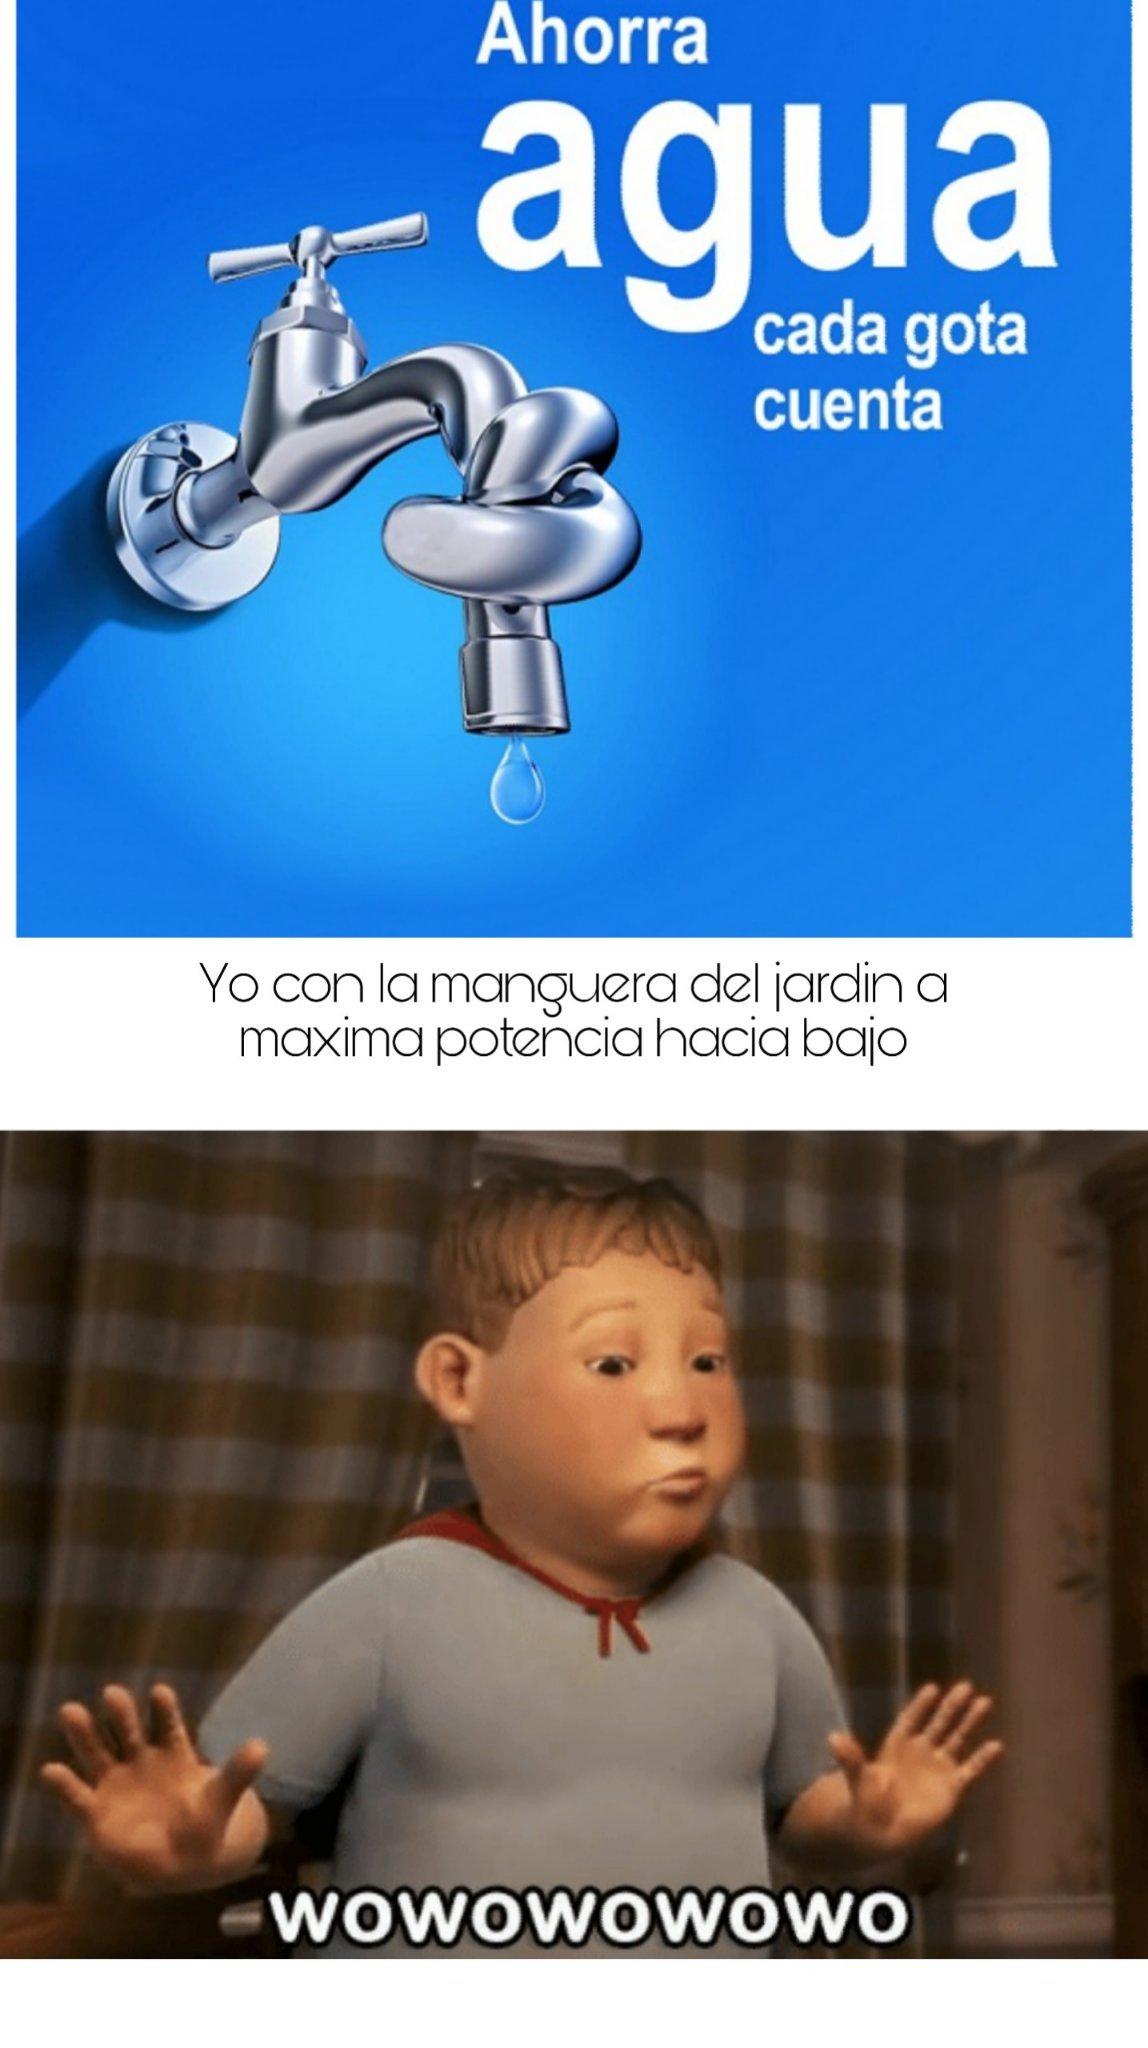 Cyyoxoyxy9 - meme